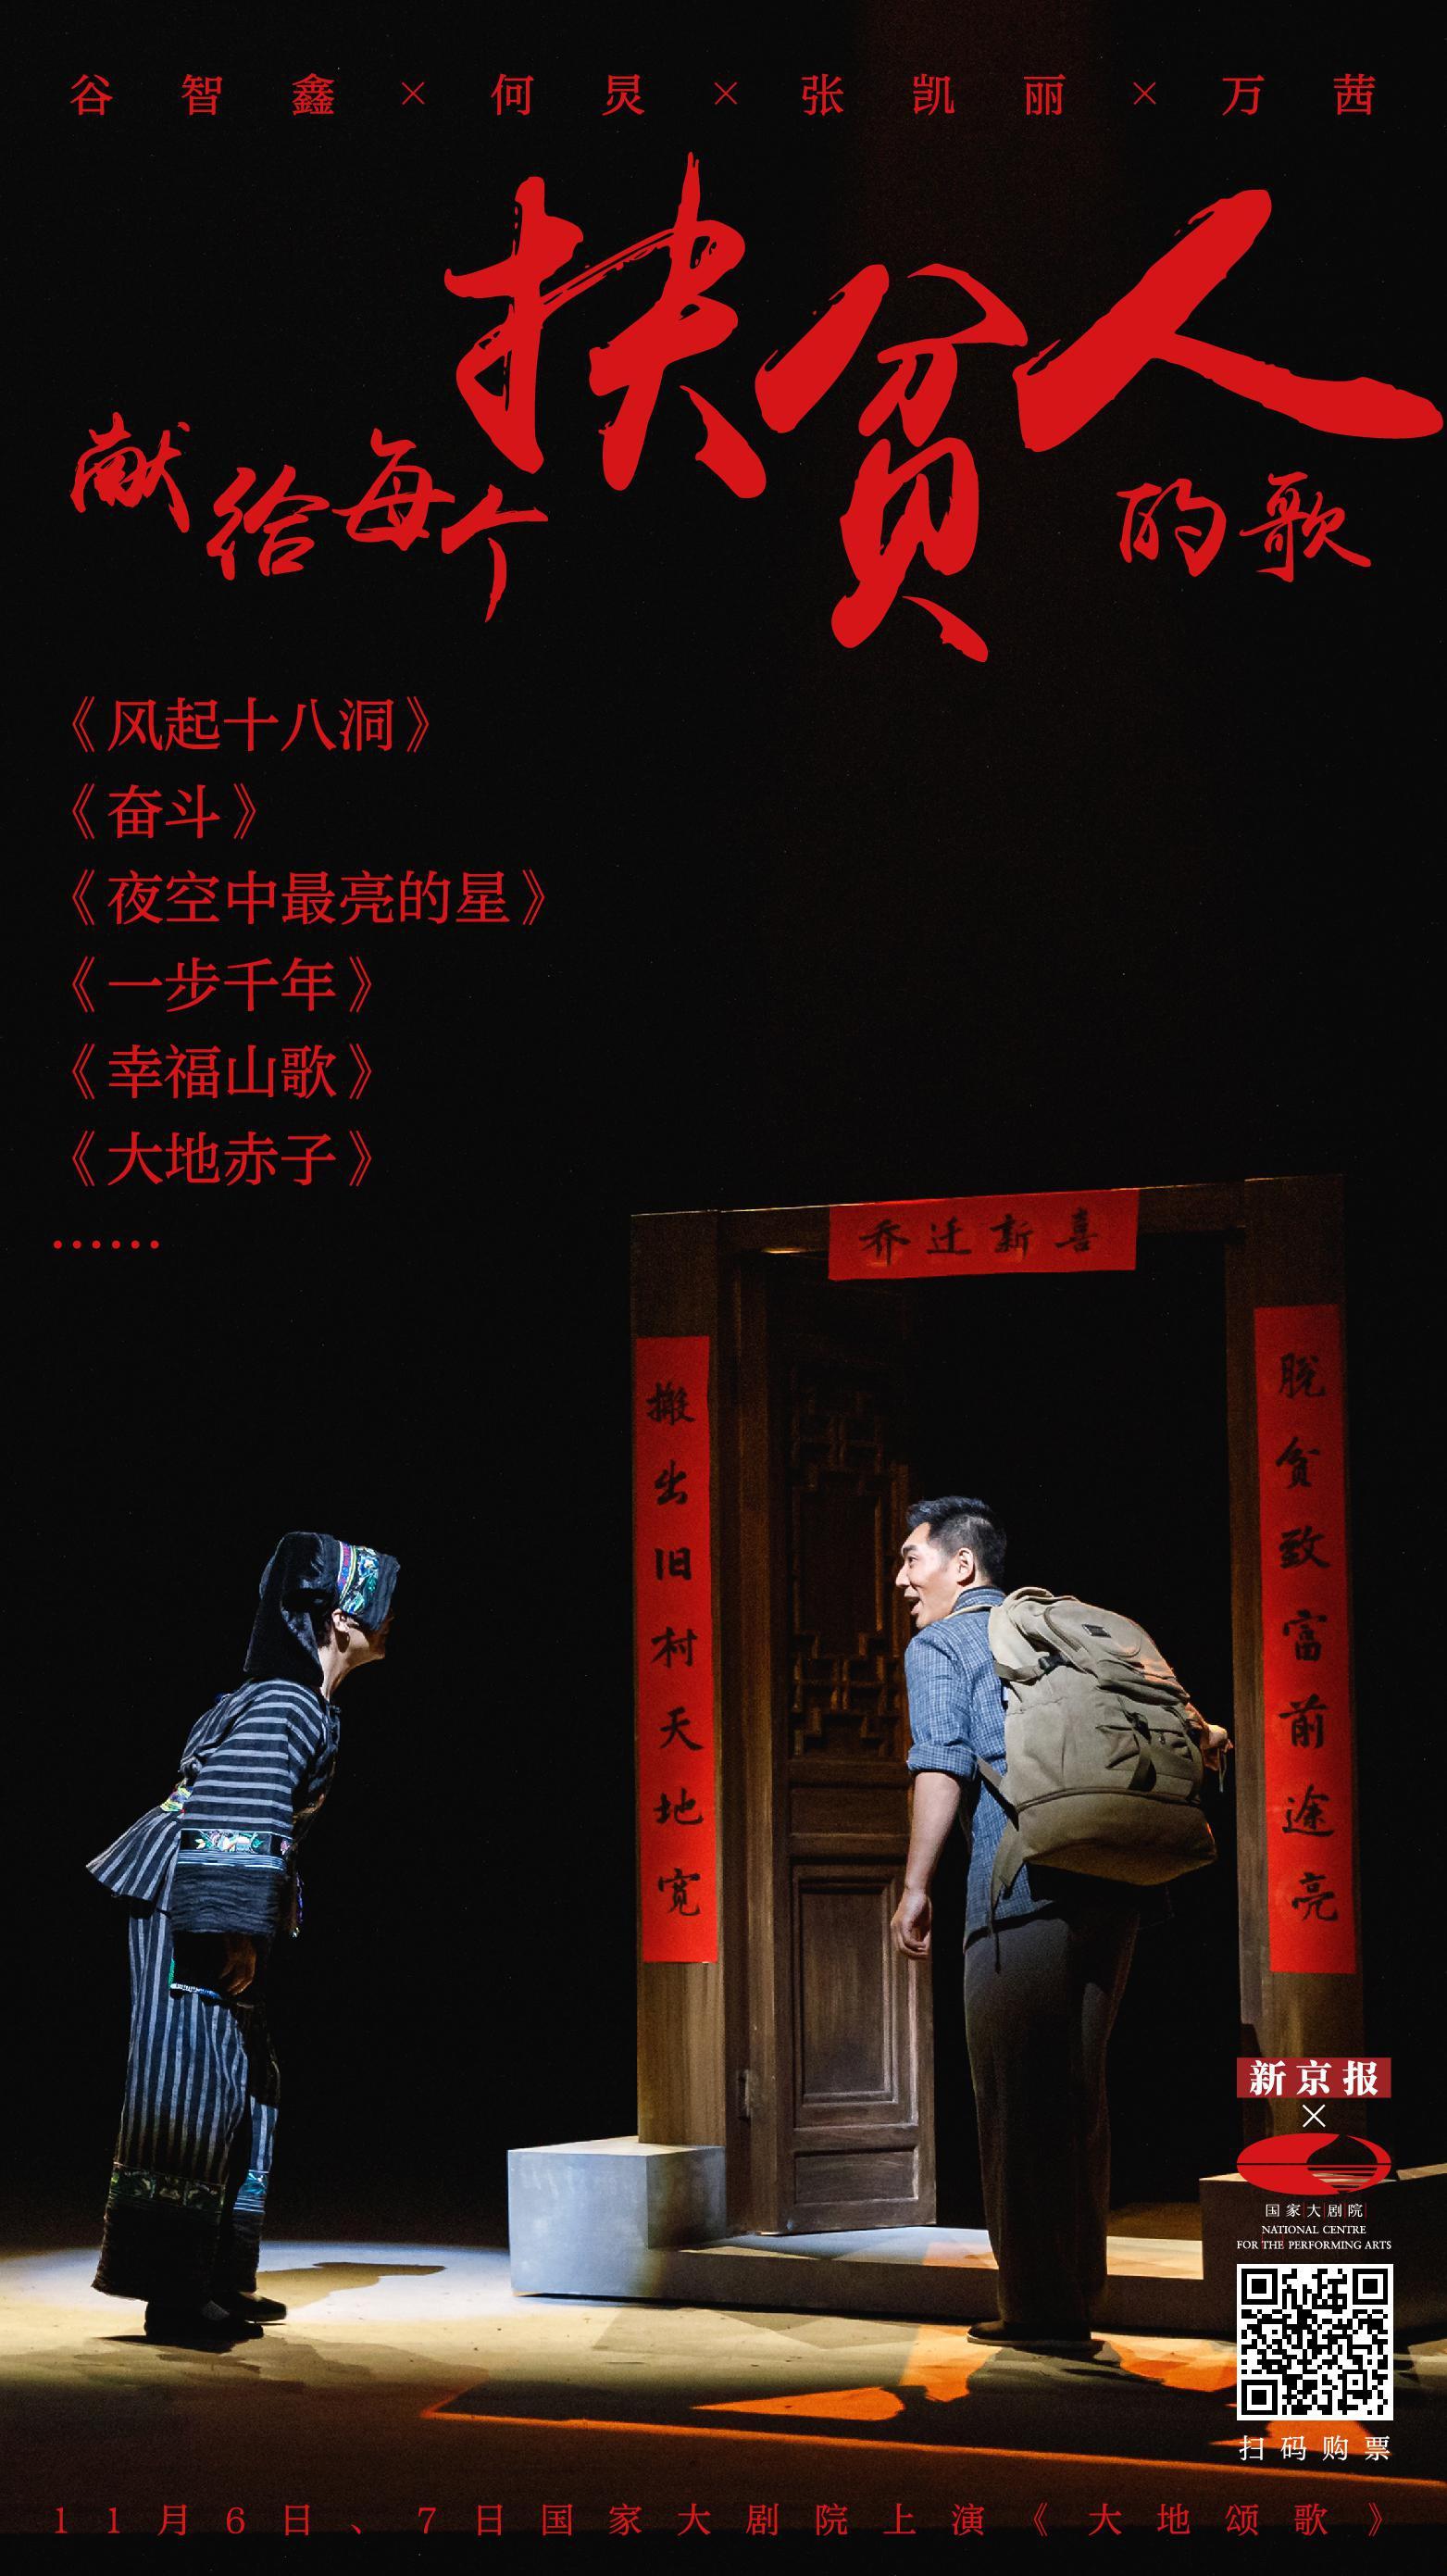 《大地颂歌》,献给每个扶贫人的歌 新京报×国家大剧院图片